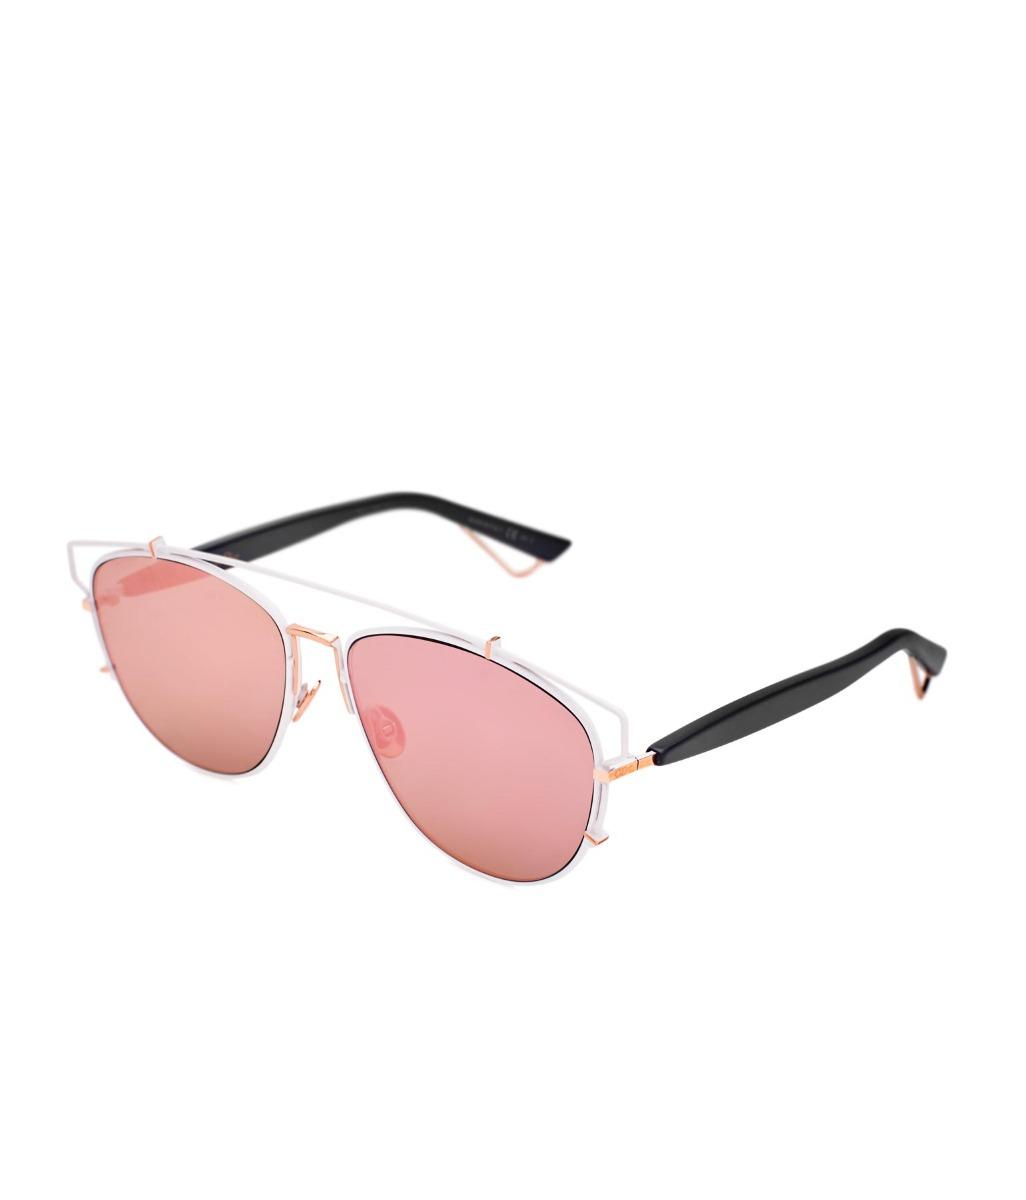 9bc4e021dc Gafas Dior Technologic Xg9ap Rosadas - $ 1.500.000 en Mercado Libre